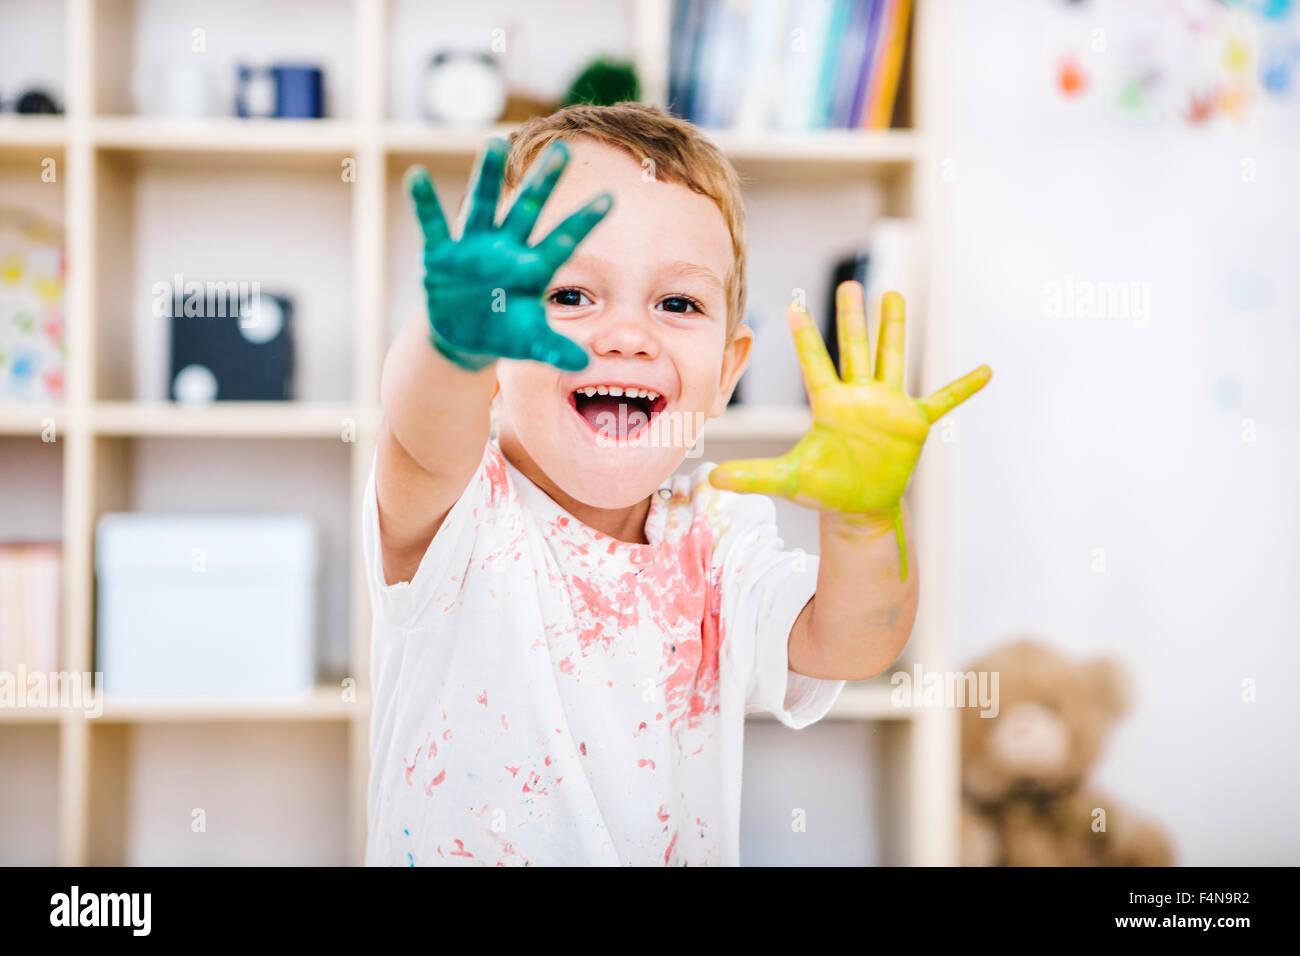 Retrato de niño sonriente mostrando sus manos pintadas Imagen De Stock